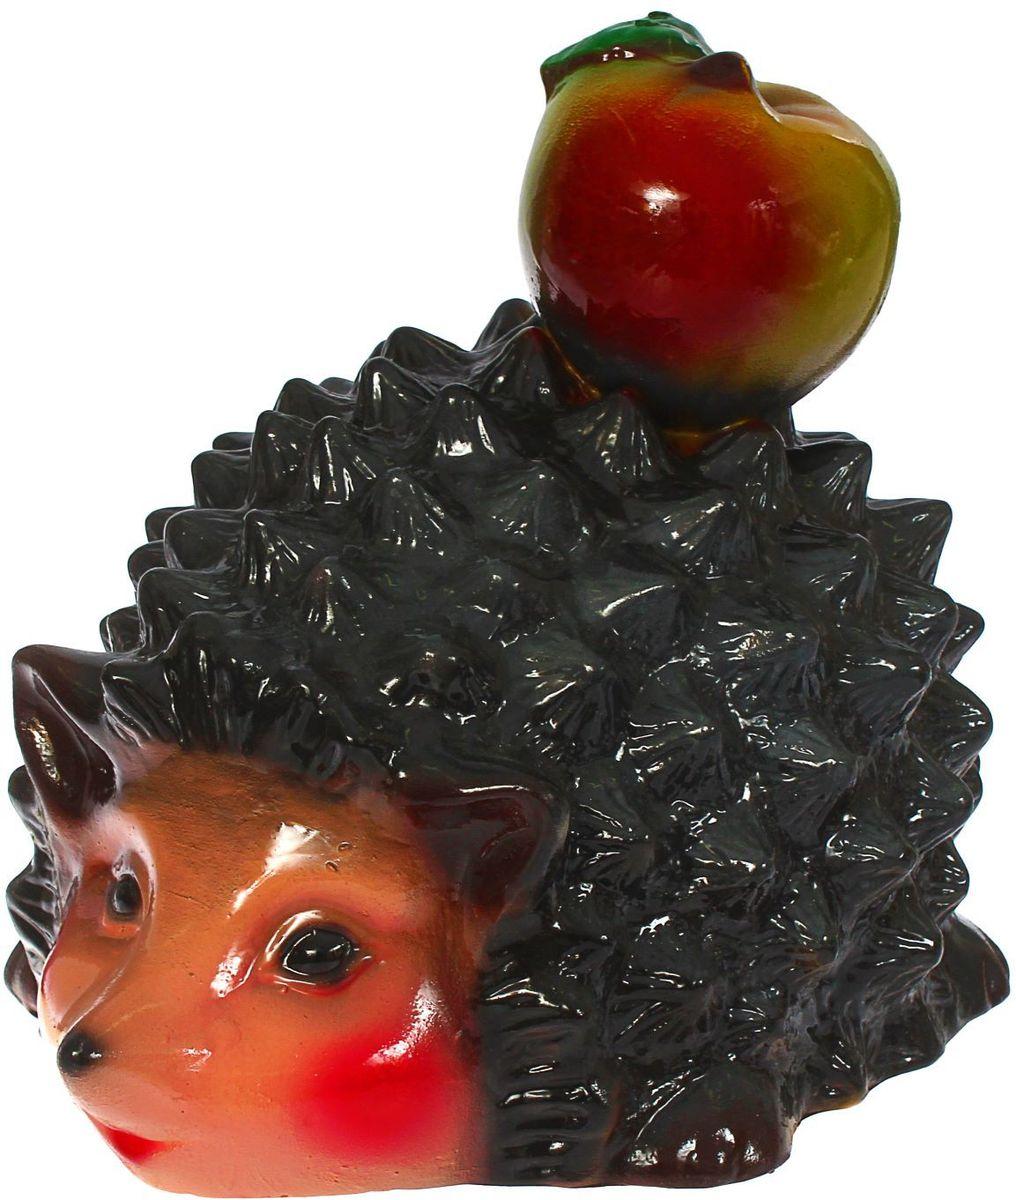 Фигура садовая Керамика ручной работы Ежик с яблоком, 29 х 20 х 22 см1437575ежики придадут саду уюта и очарования. Эти зверьки символизируют запасливость, поэтому непременно помогут вырастить и сохранить богатый урожай. Такой декор выгоднее всего смотрится в траве или под деревьями — в природных местах обитания животных. создаст солнечное настроение даже в пасмурный день и сделает дачный участок оригинальным. Дополните окружающее пространство необычной деталью.